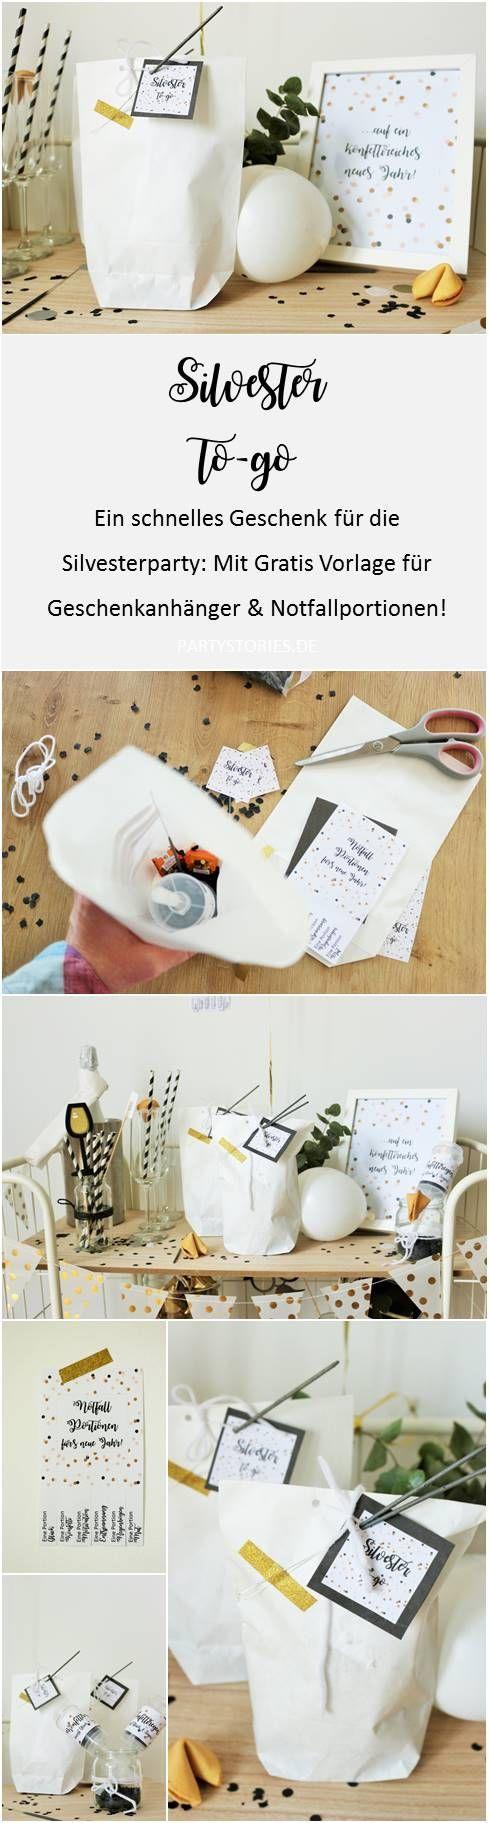 Ein schnelles DIY Geschenk für die Silvesterparty: Silvester to-go - mit Glückskeksen, Wunderkerzen, Konfetti und Mitternachtsküsschen. Mit Freebie für Geschenkanhänger und Notfallportionen zum nachbasteln, gefunden auf Partystories.de